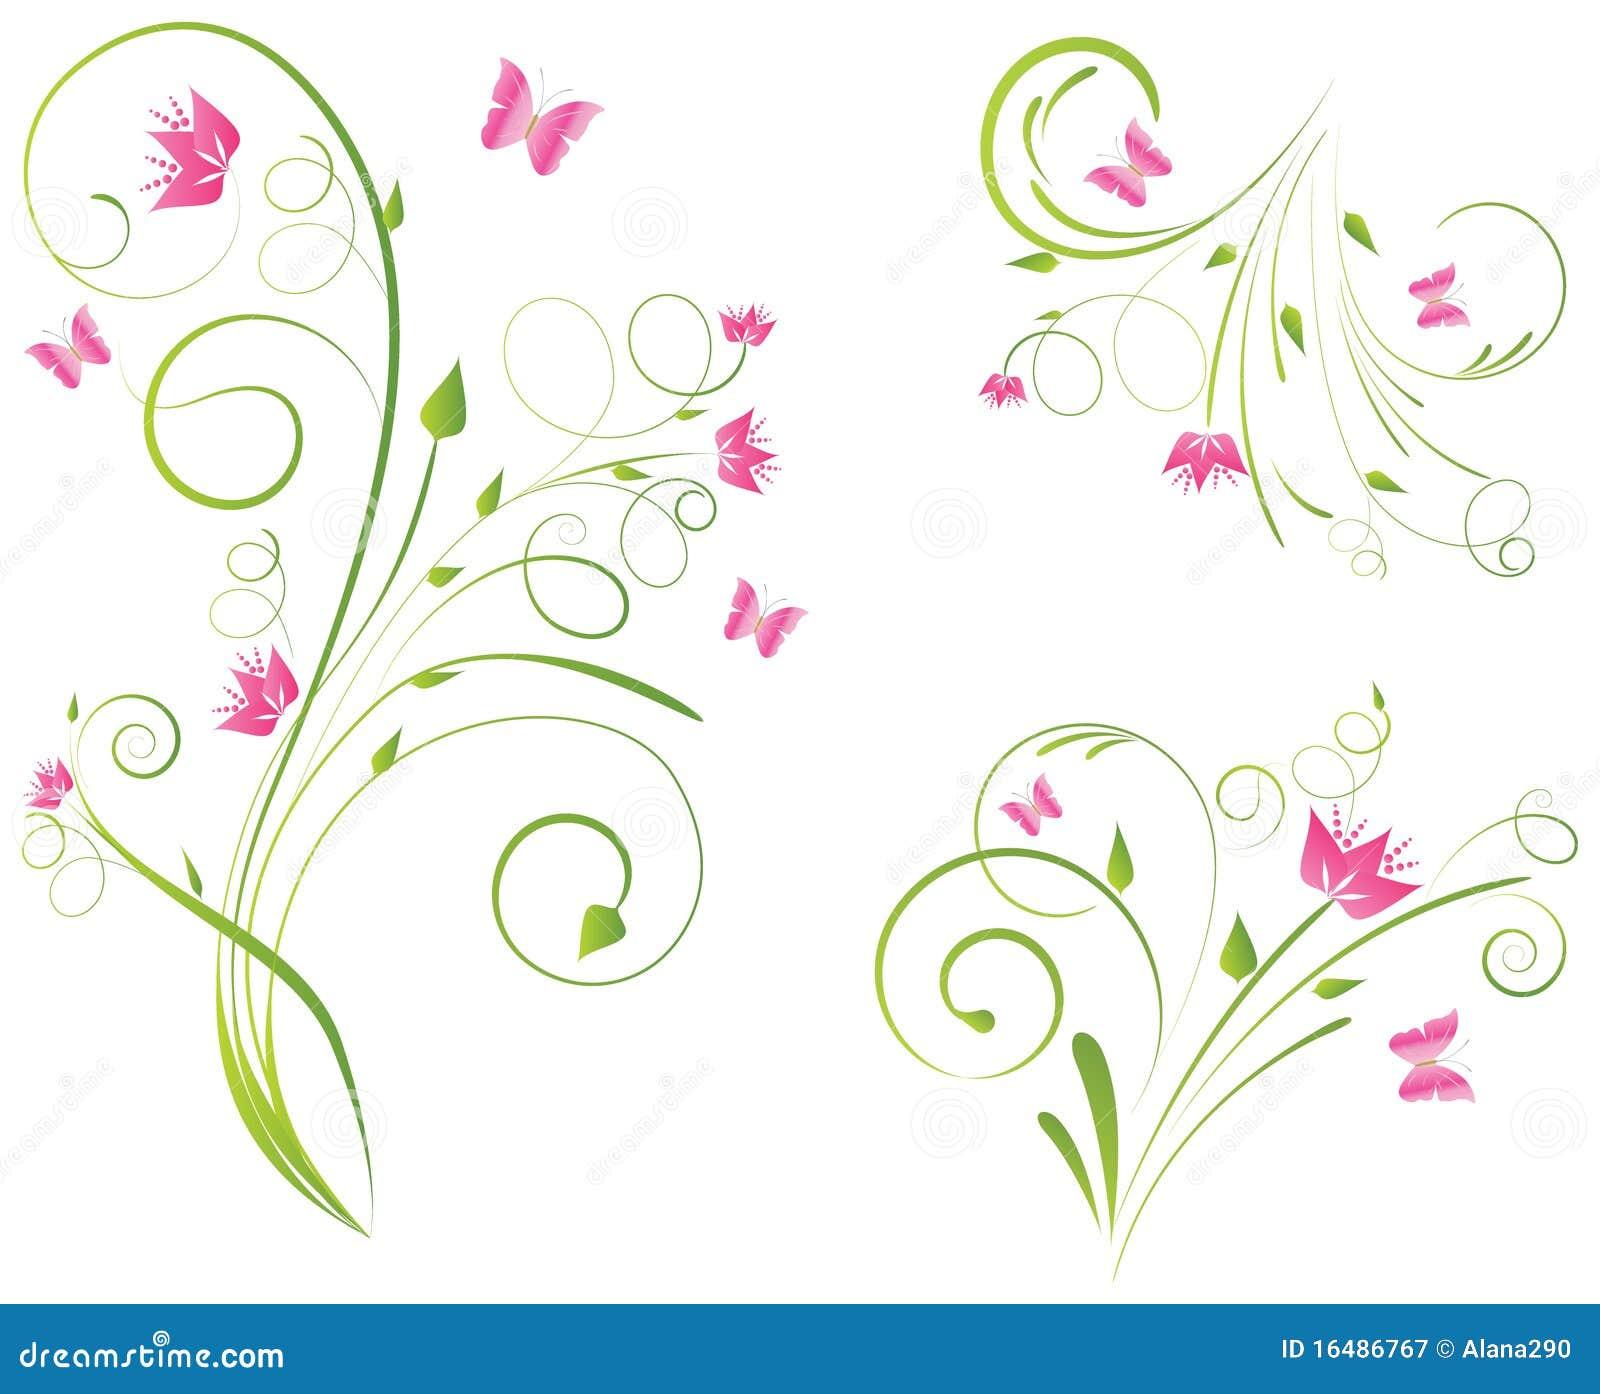 Disegni E Farfalle Di Florals Illustrazione Vettoriale